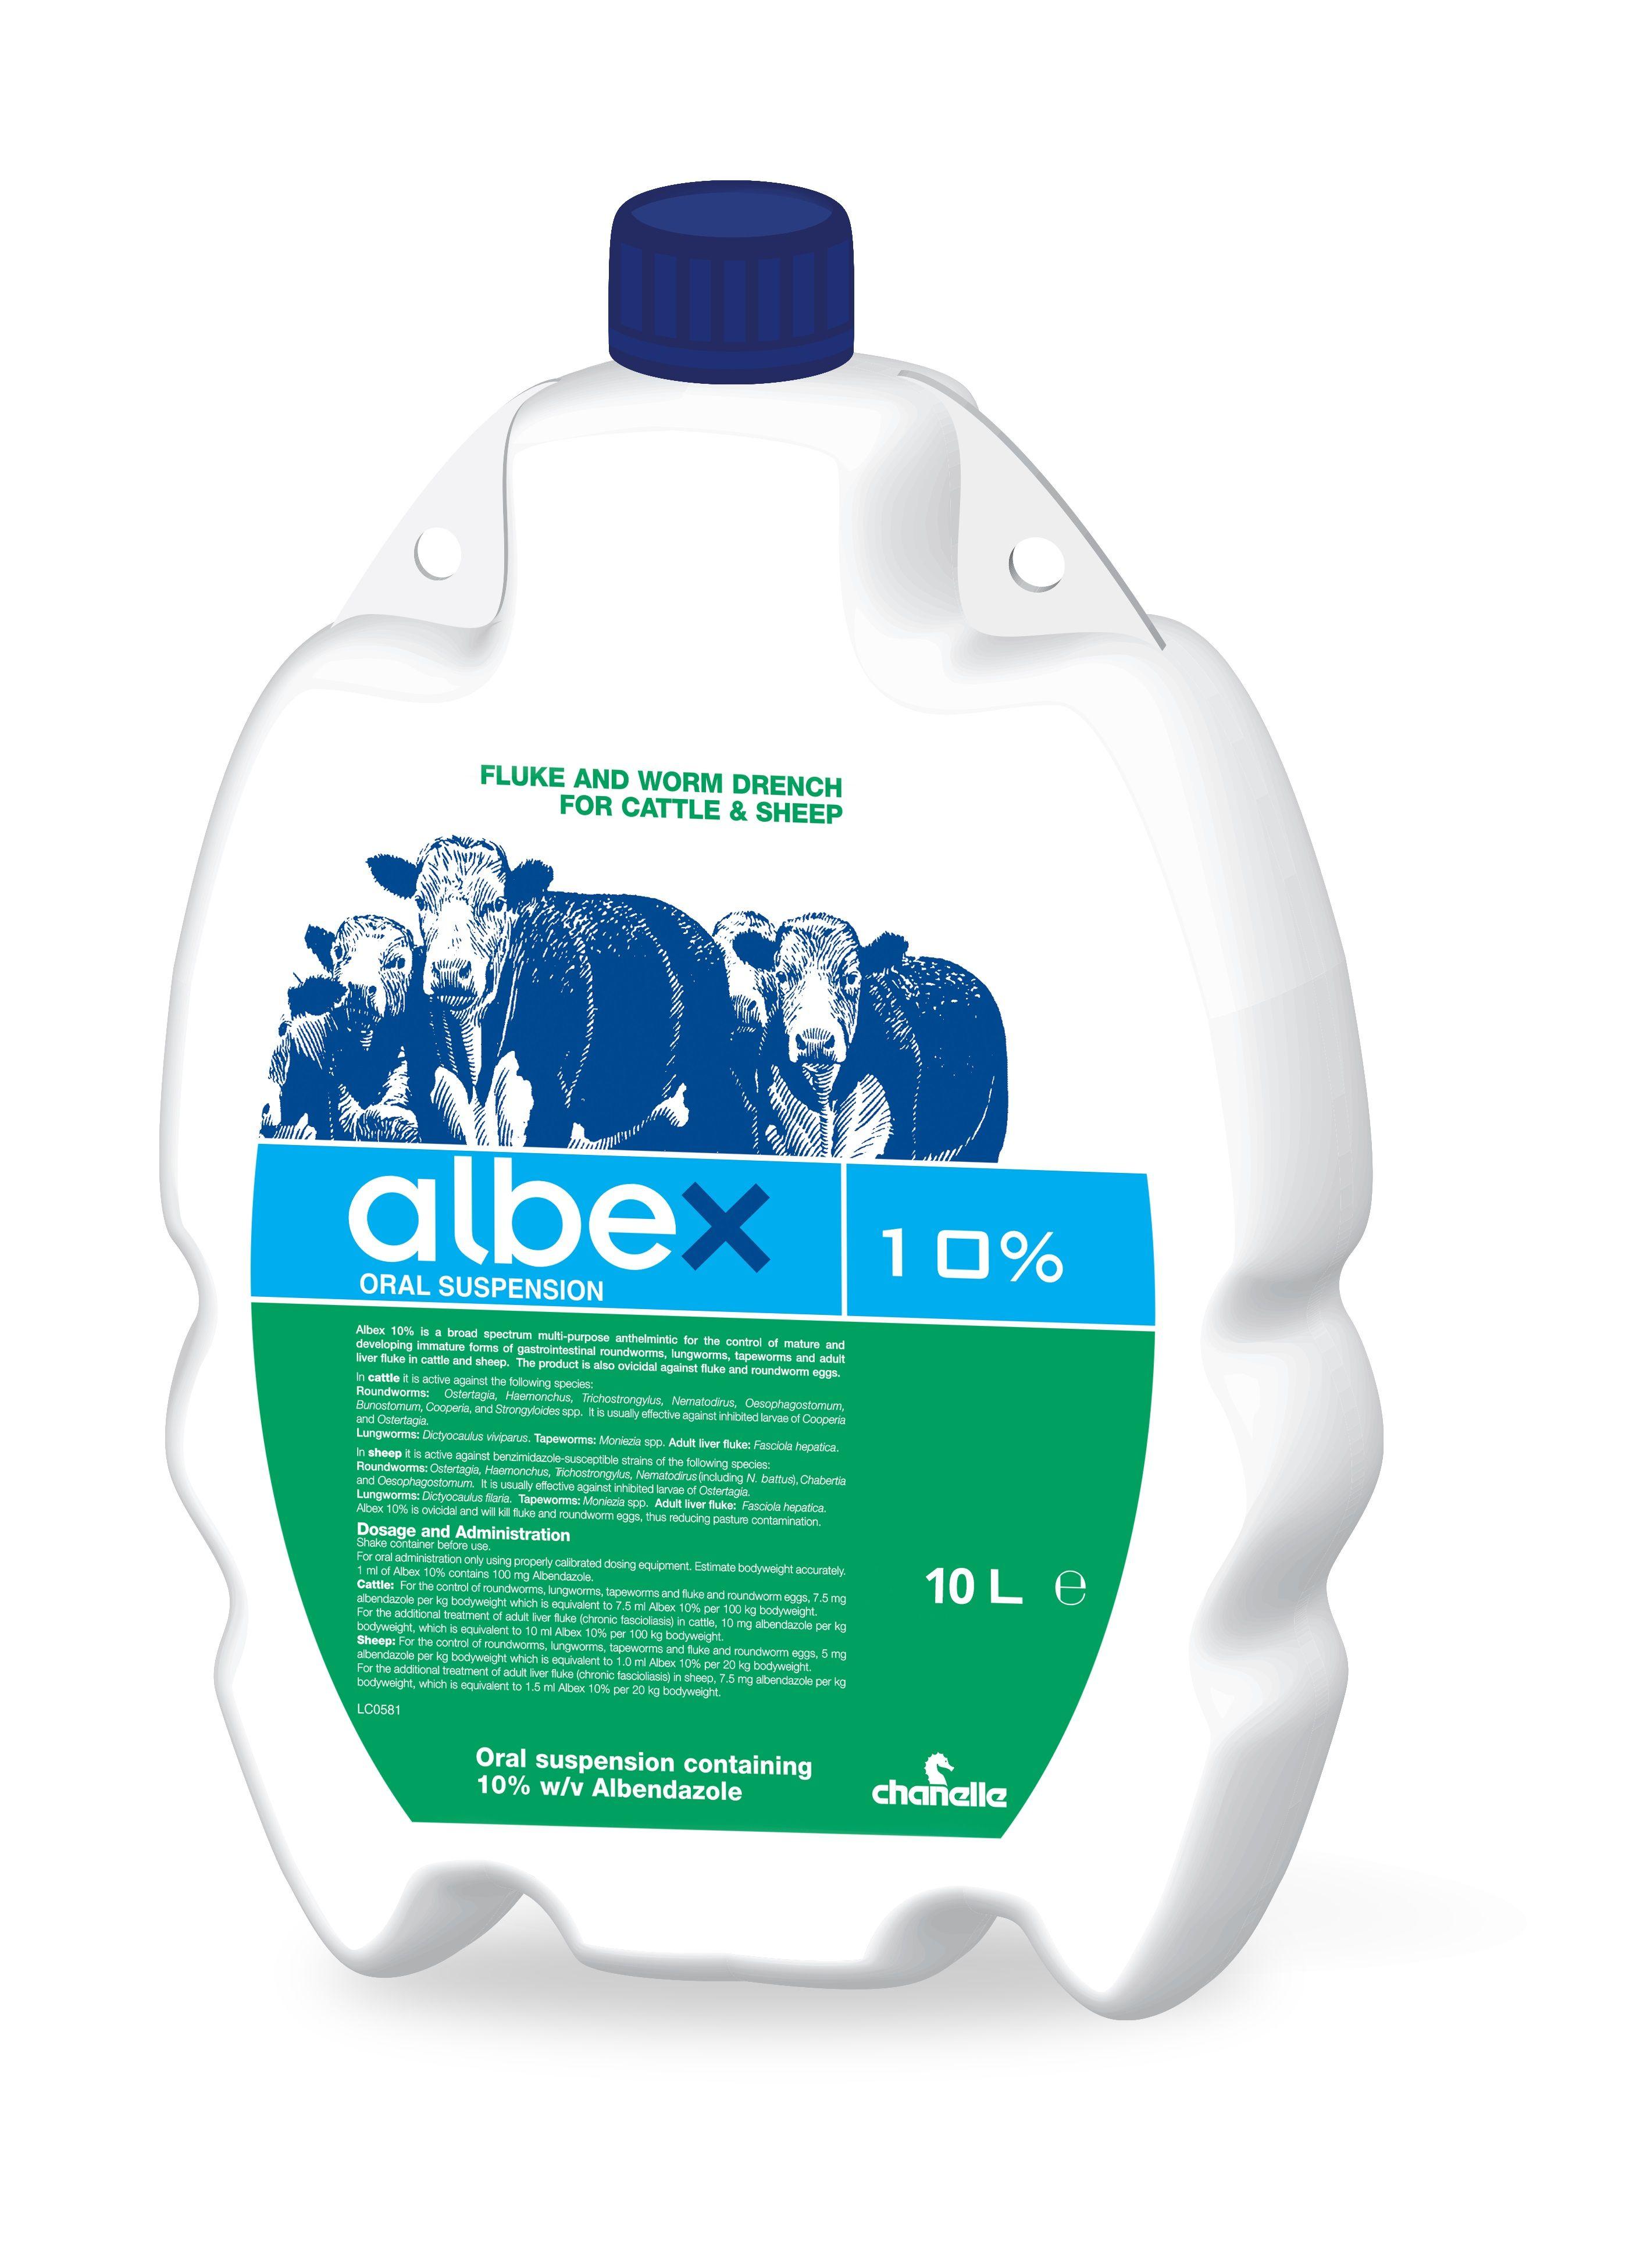 Albex 10%